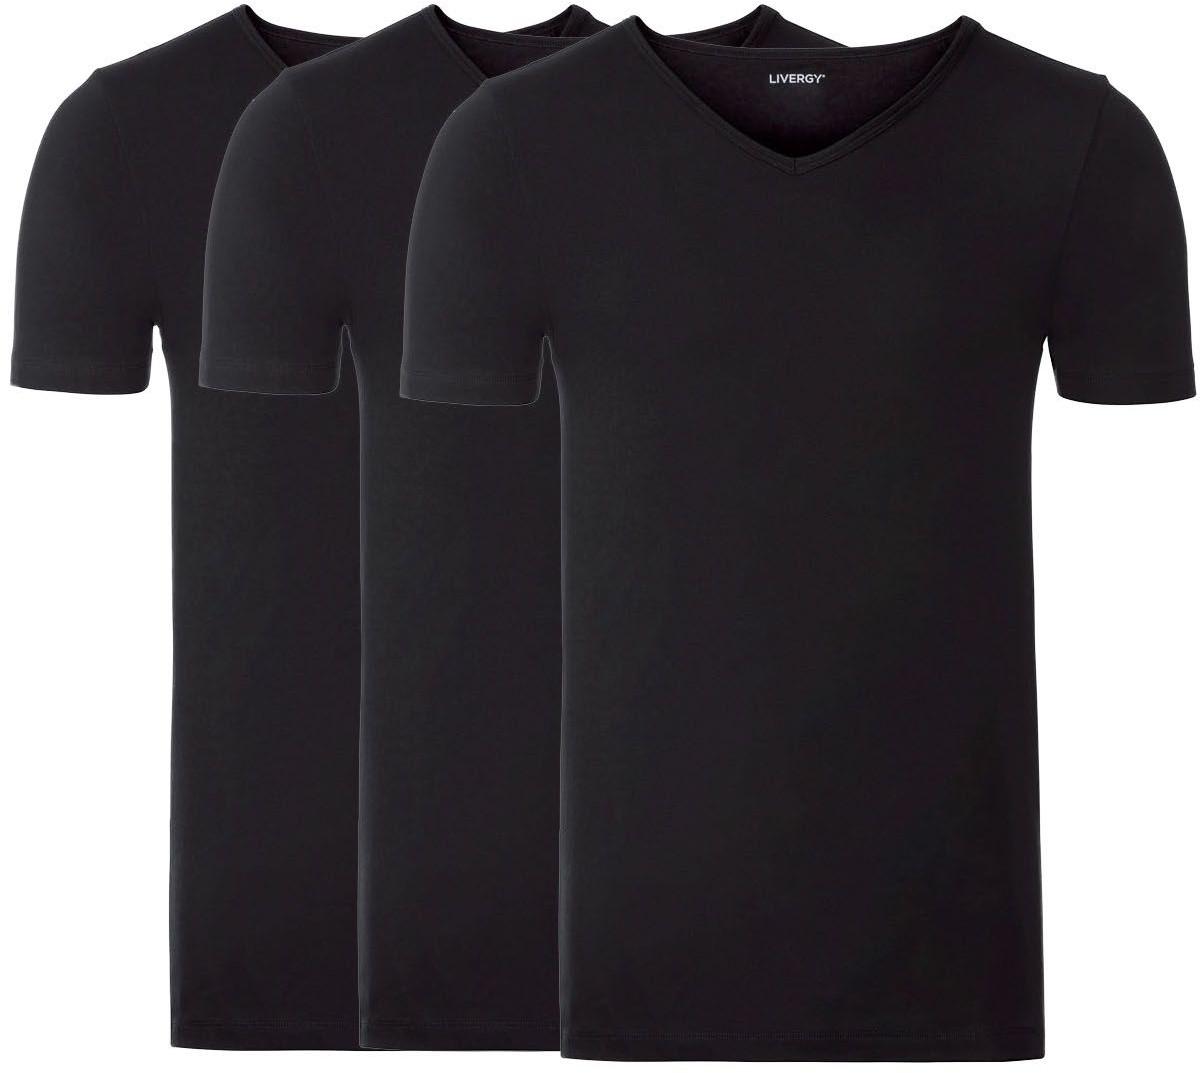 LIVERGY LIVERGY Podkoszulka męska XXL z krótkim rękawem, z bawełny, 3 sztuki (10/4XL, Czarny, Dekolt w kształcie litery V) 4056233978421